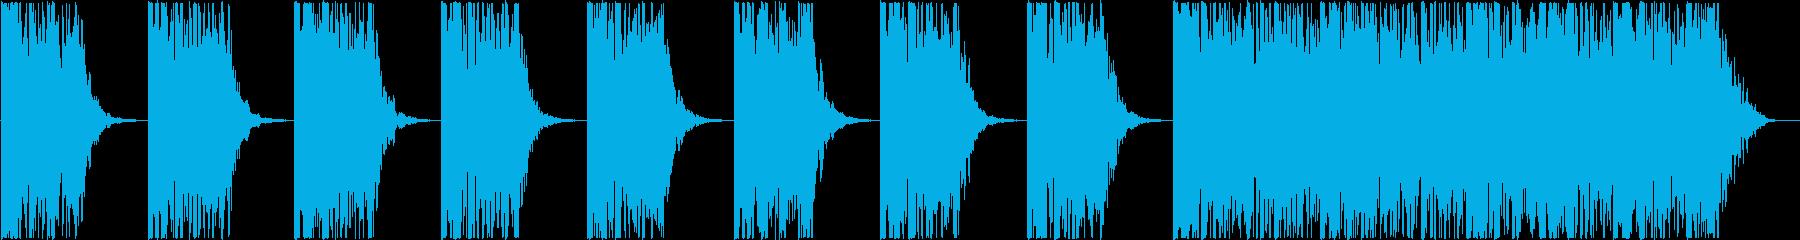 打楽器 BPM=100の再生済みの波形